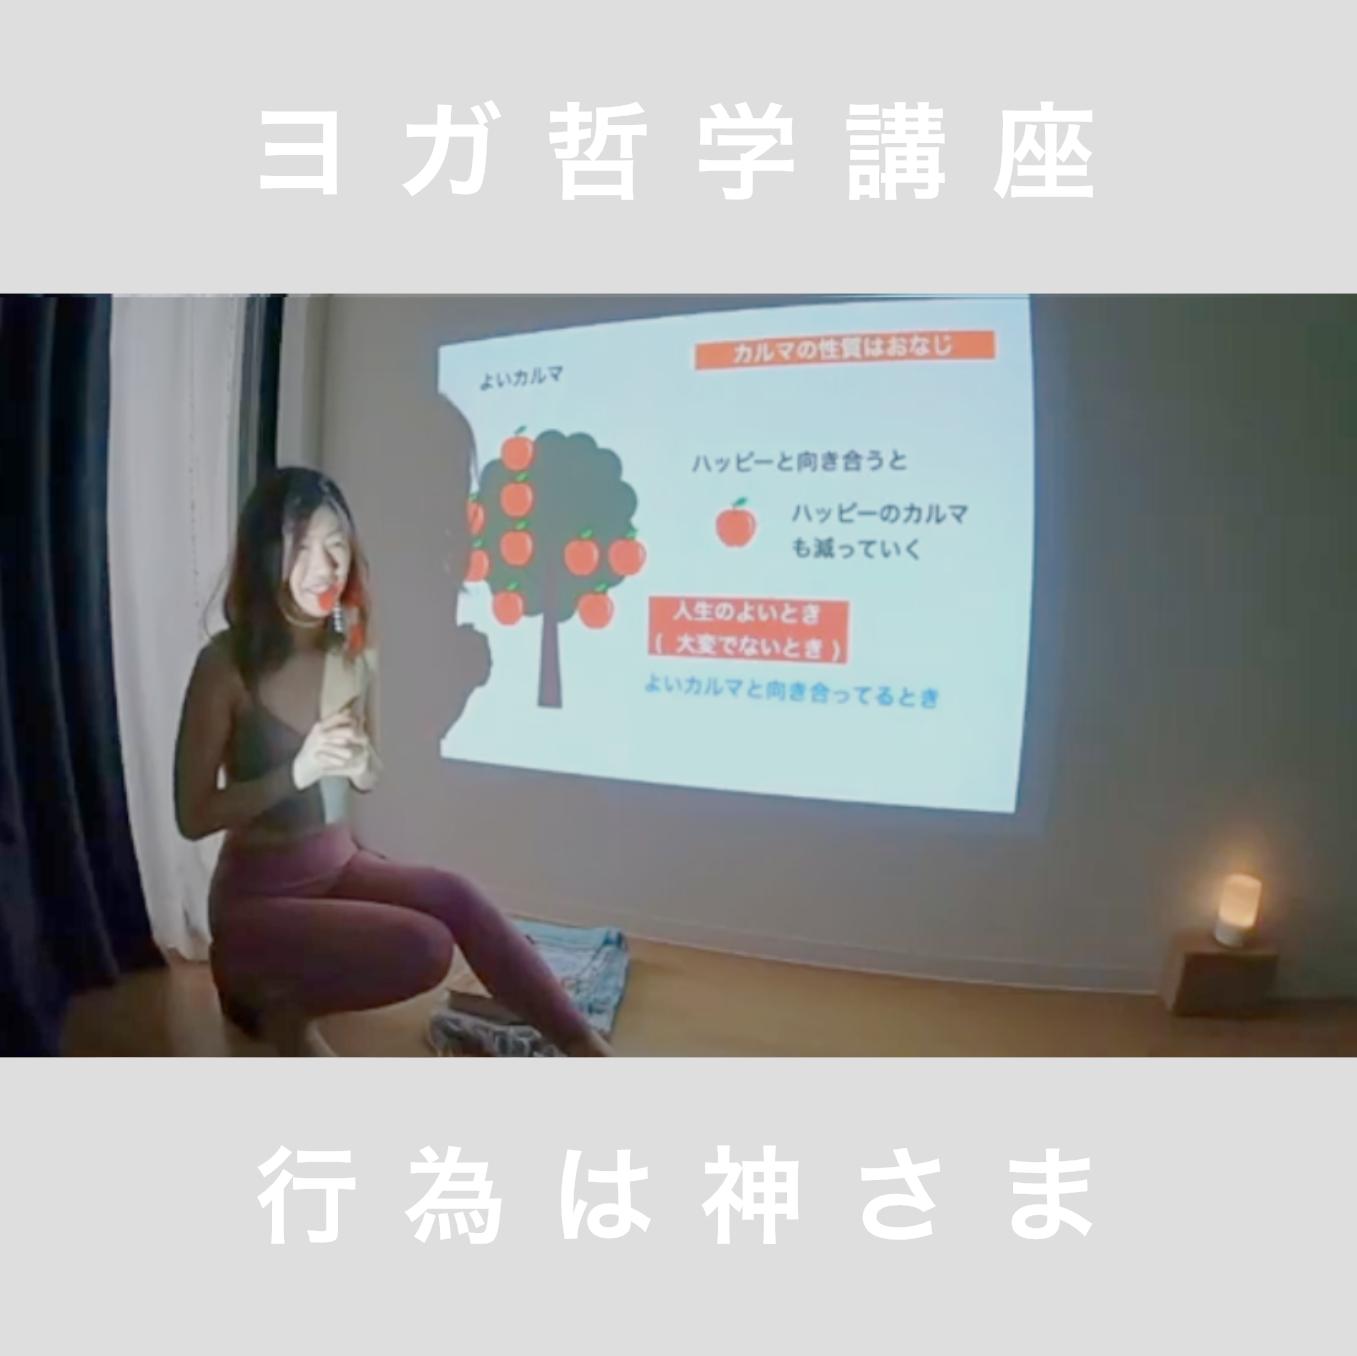 第5回 - 03・カルマヨガ・行為は神さま【 ヨガ哲学オンライン講座 】